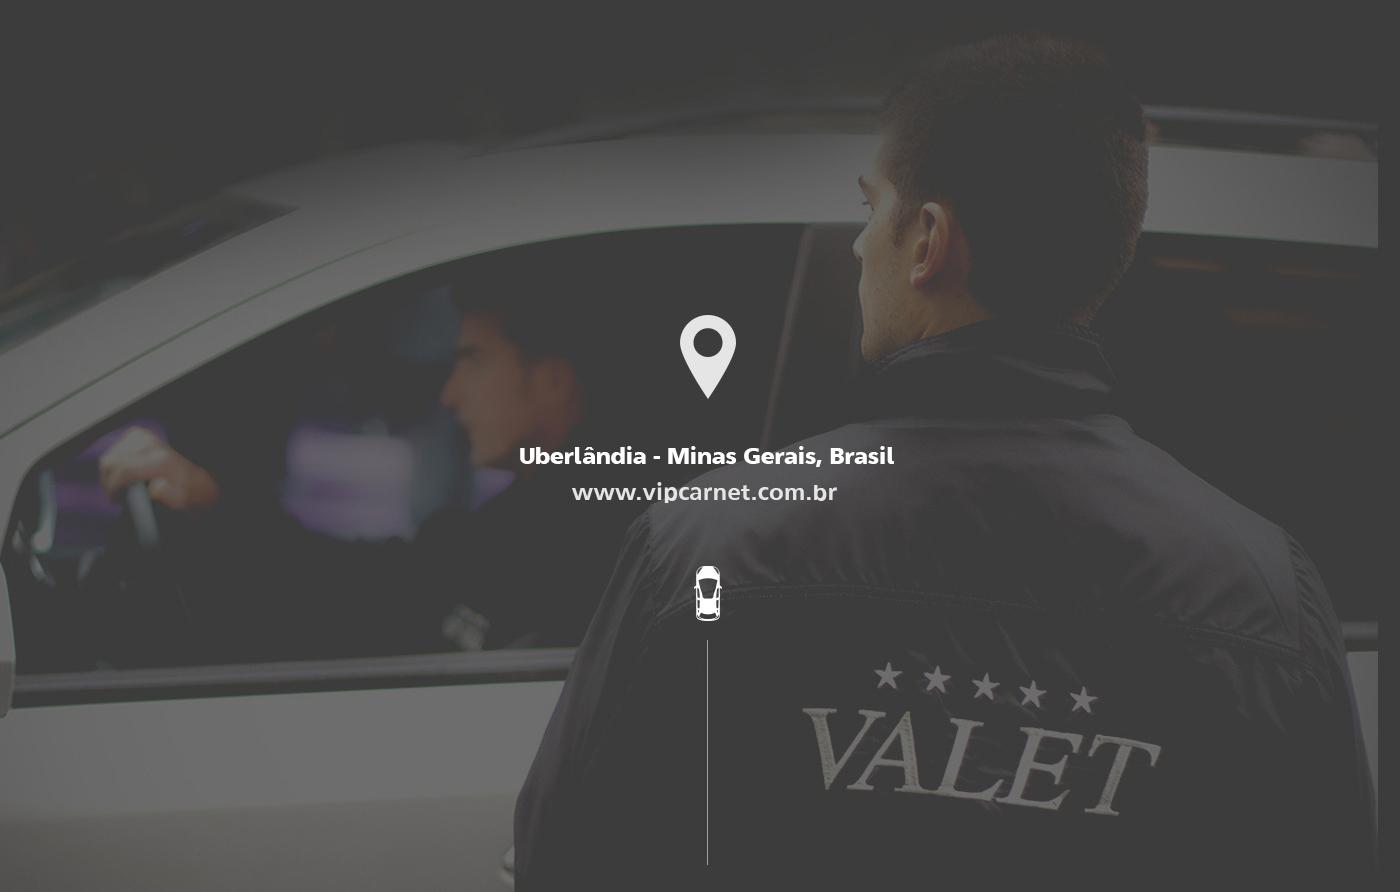 VipCar Estacionamentos